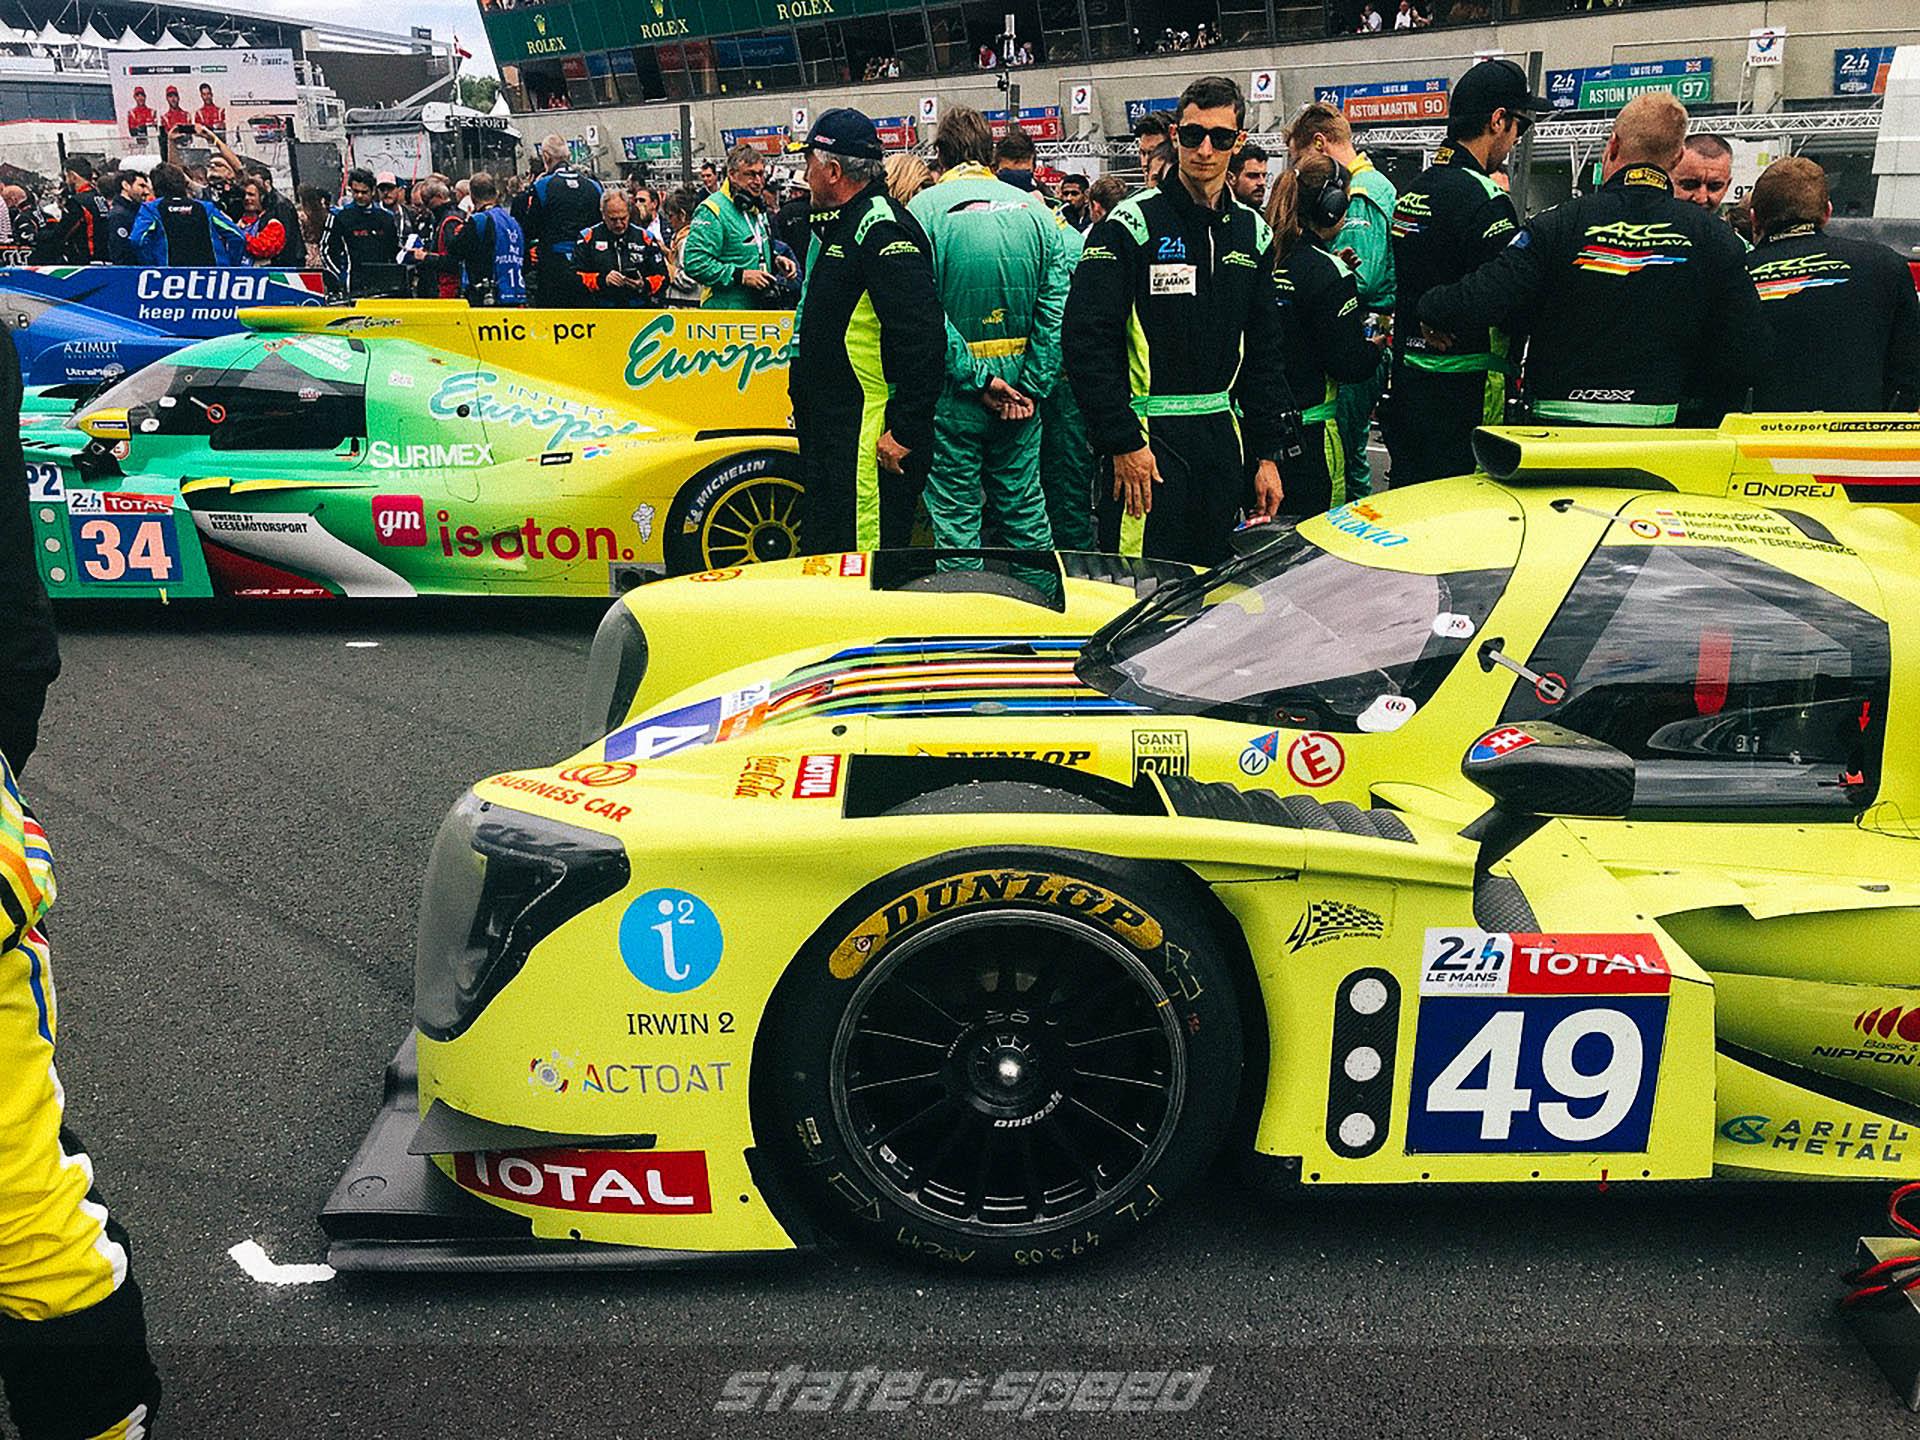 Teams at Le Mans